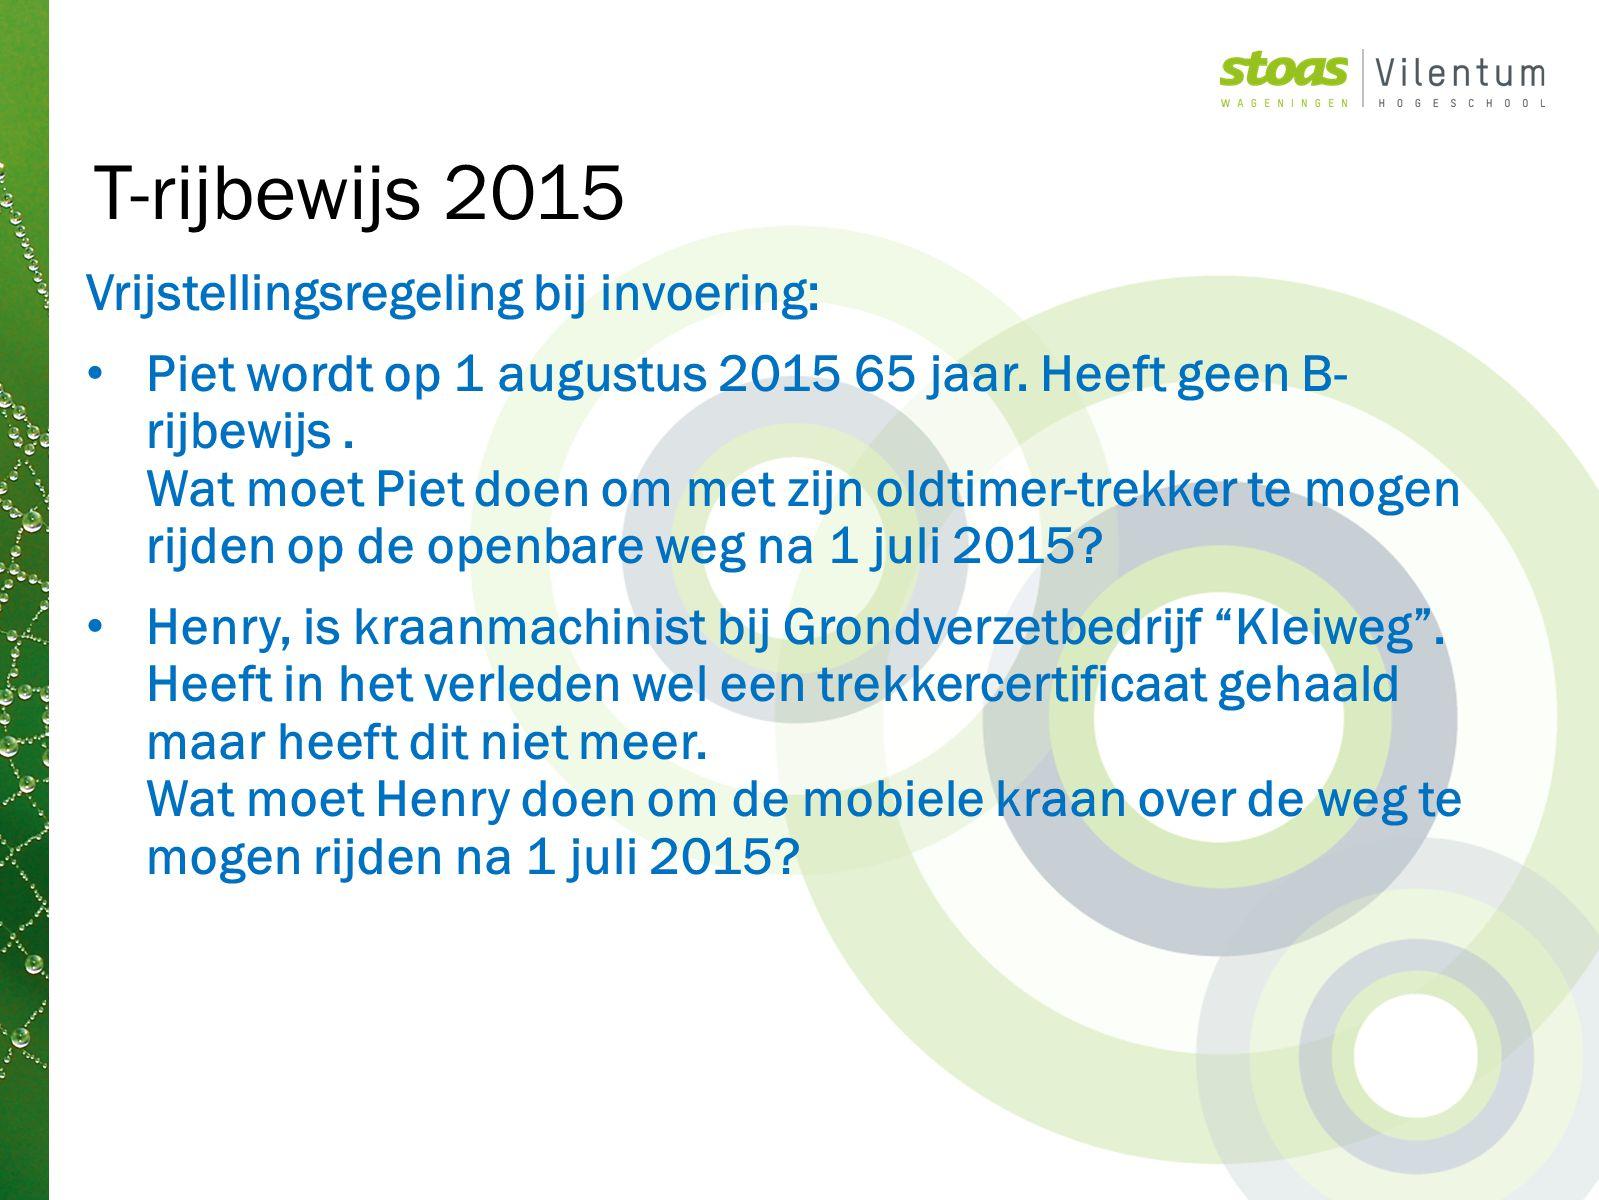 Vrijstellingsregeling bij invoering: Piet wordt op 1 augustus 2015 65 jaar. Heeft geen B- rijbewijs. Wat moet Piet doen om met zijn oldtimer-trekker t